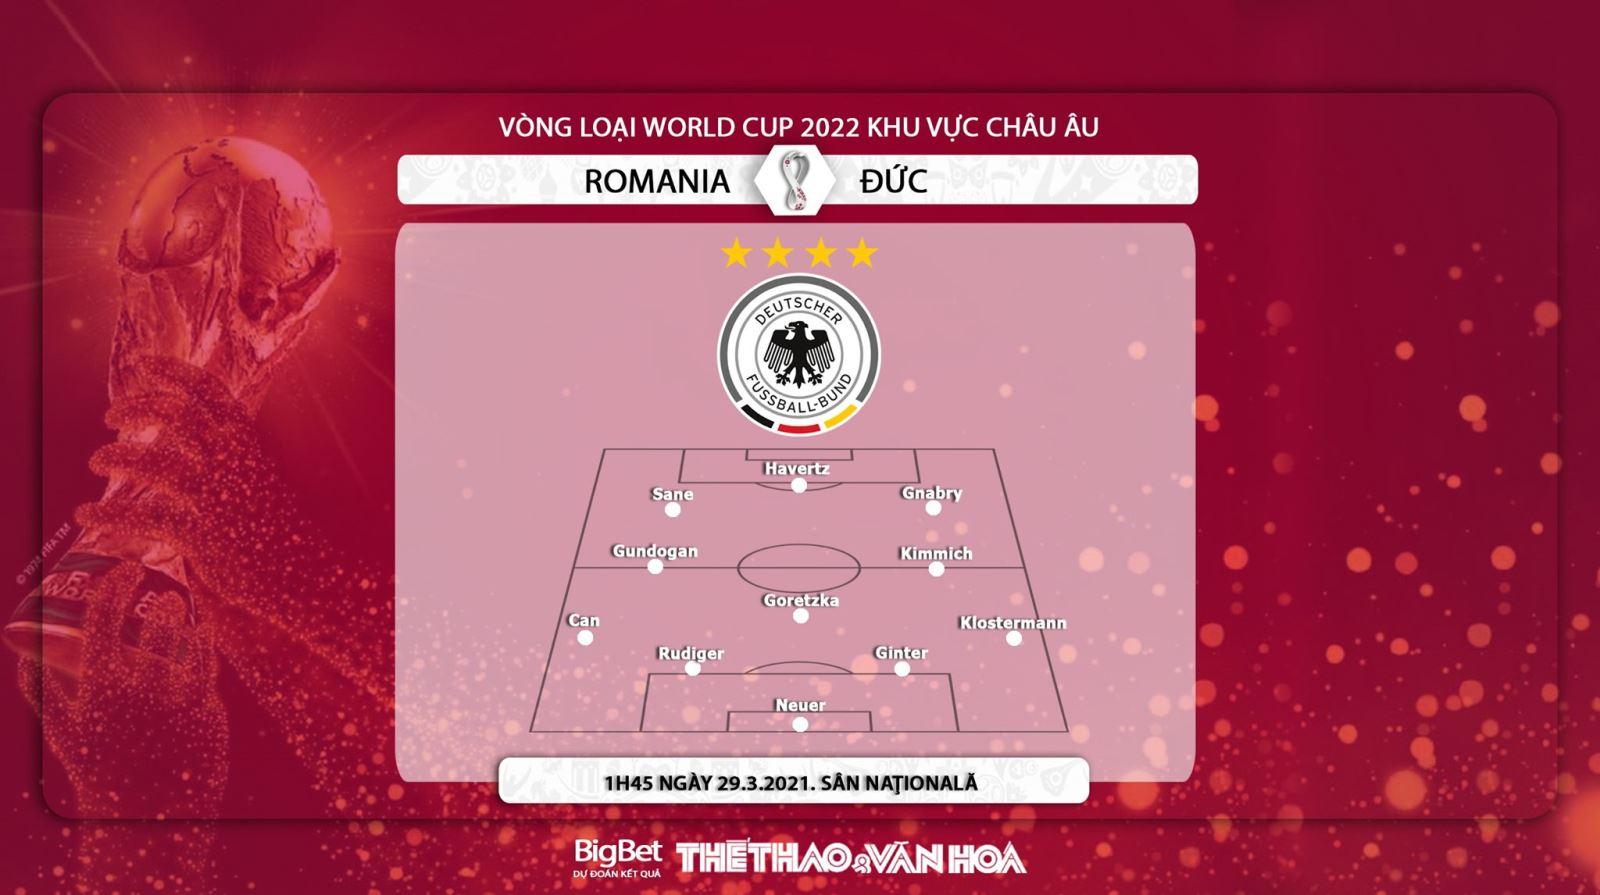 Keo nha cai, kèo nhà cái, Romania vs Đức, K+1, BĐTV trực tiếp vòng loại World Cup 2022, xem trực tiếp Romania vs Đức, xem bóng đá trực tuyến, kèo bóng đá Romania vs Đức